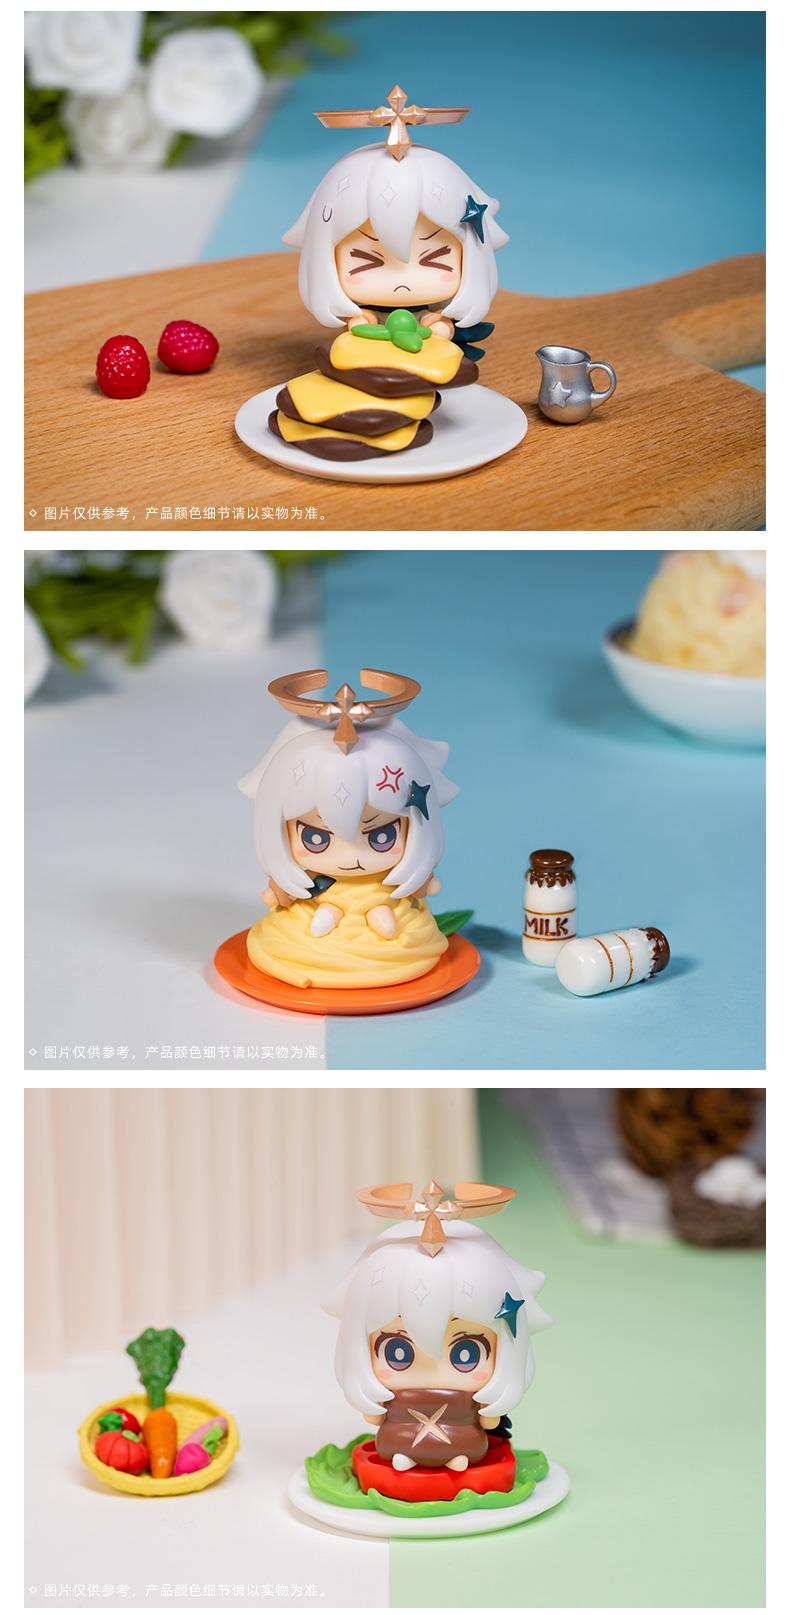 这也太可爱了吧!《原神》官方推出六一美食主题盲盒